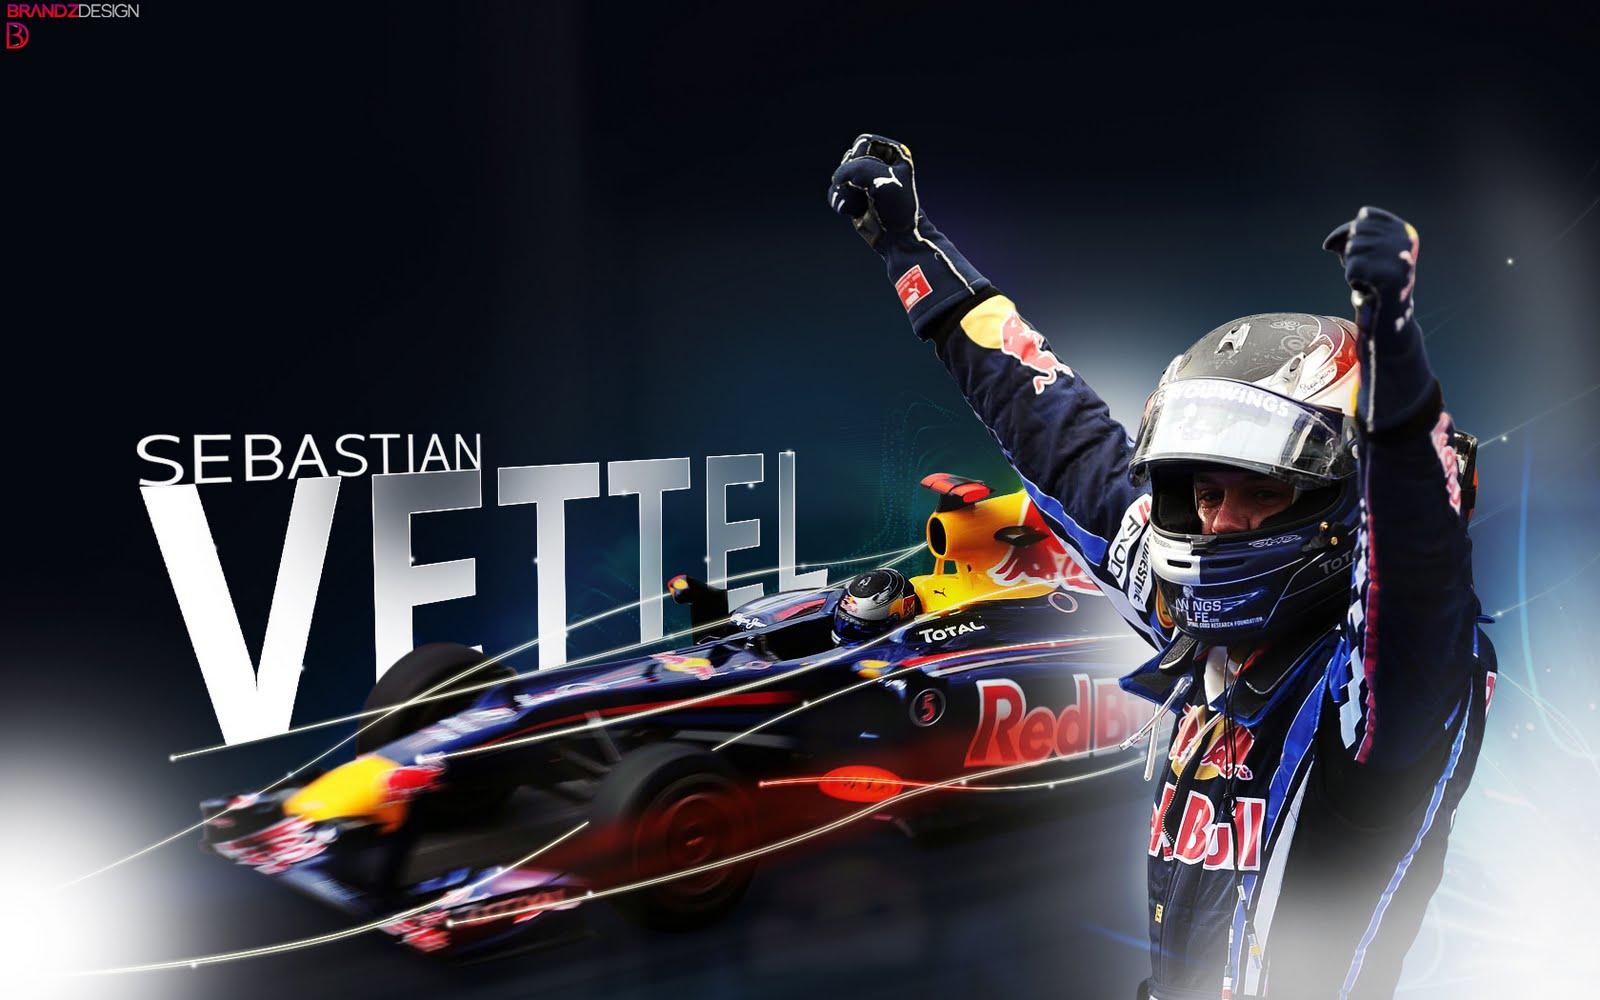 http://3.bp.blogspot.com/-GzzIQnEUelc/TmWbzTKRWiI/AAAAAAAAIwg/qEfgcY_13ZE/s1600/Sebastian-Vettel-Wallpaper6.jpg